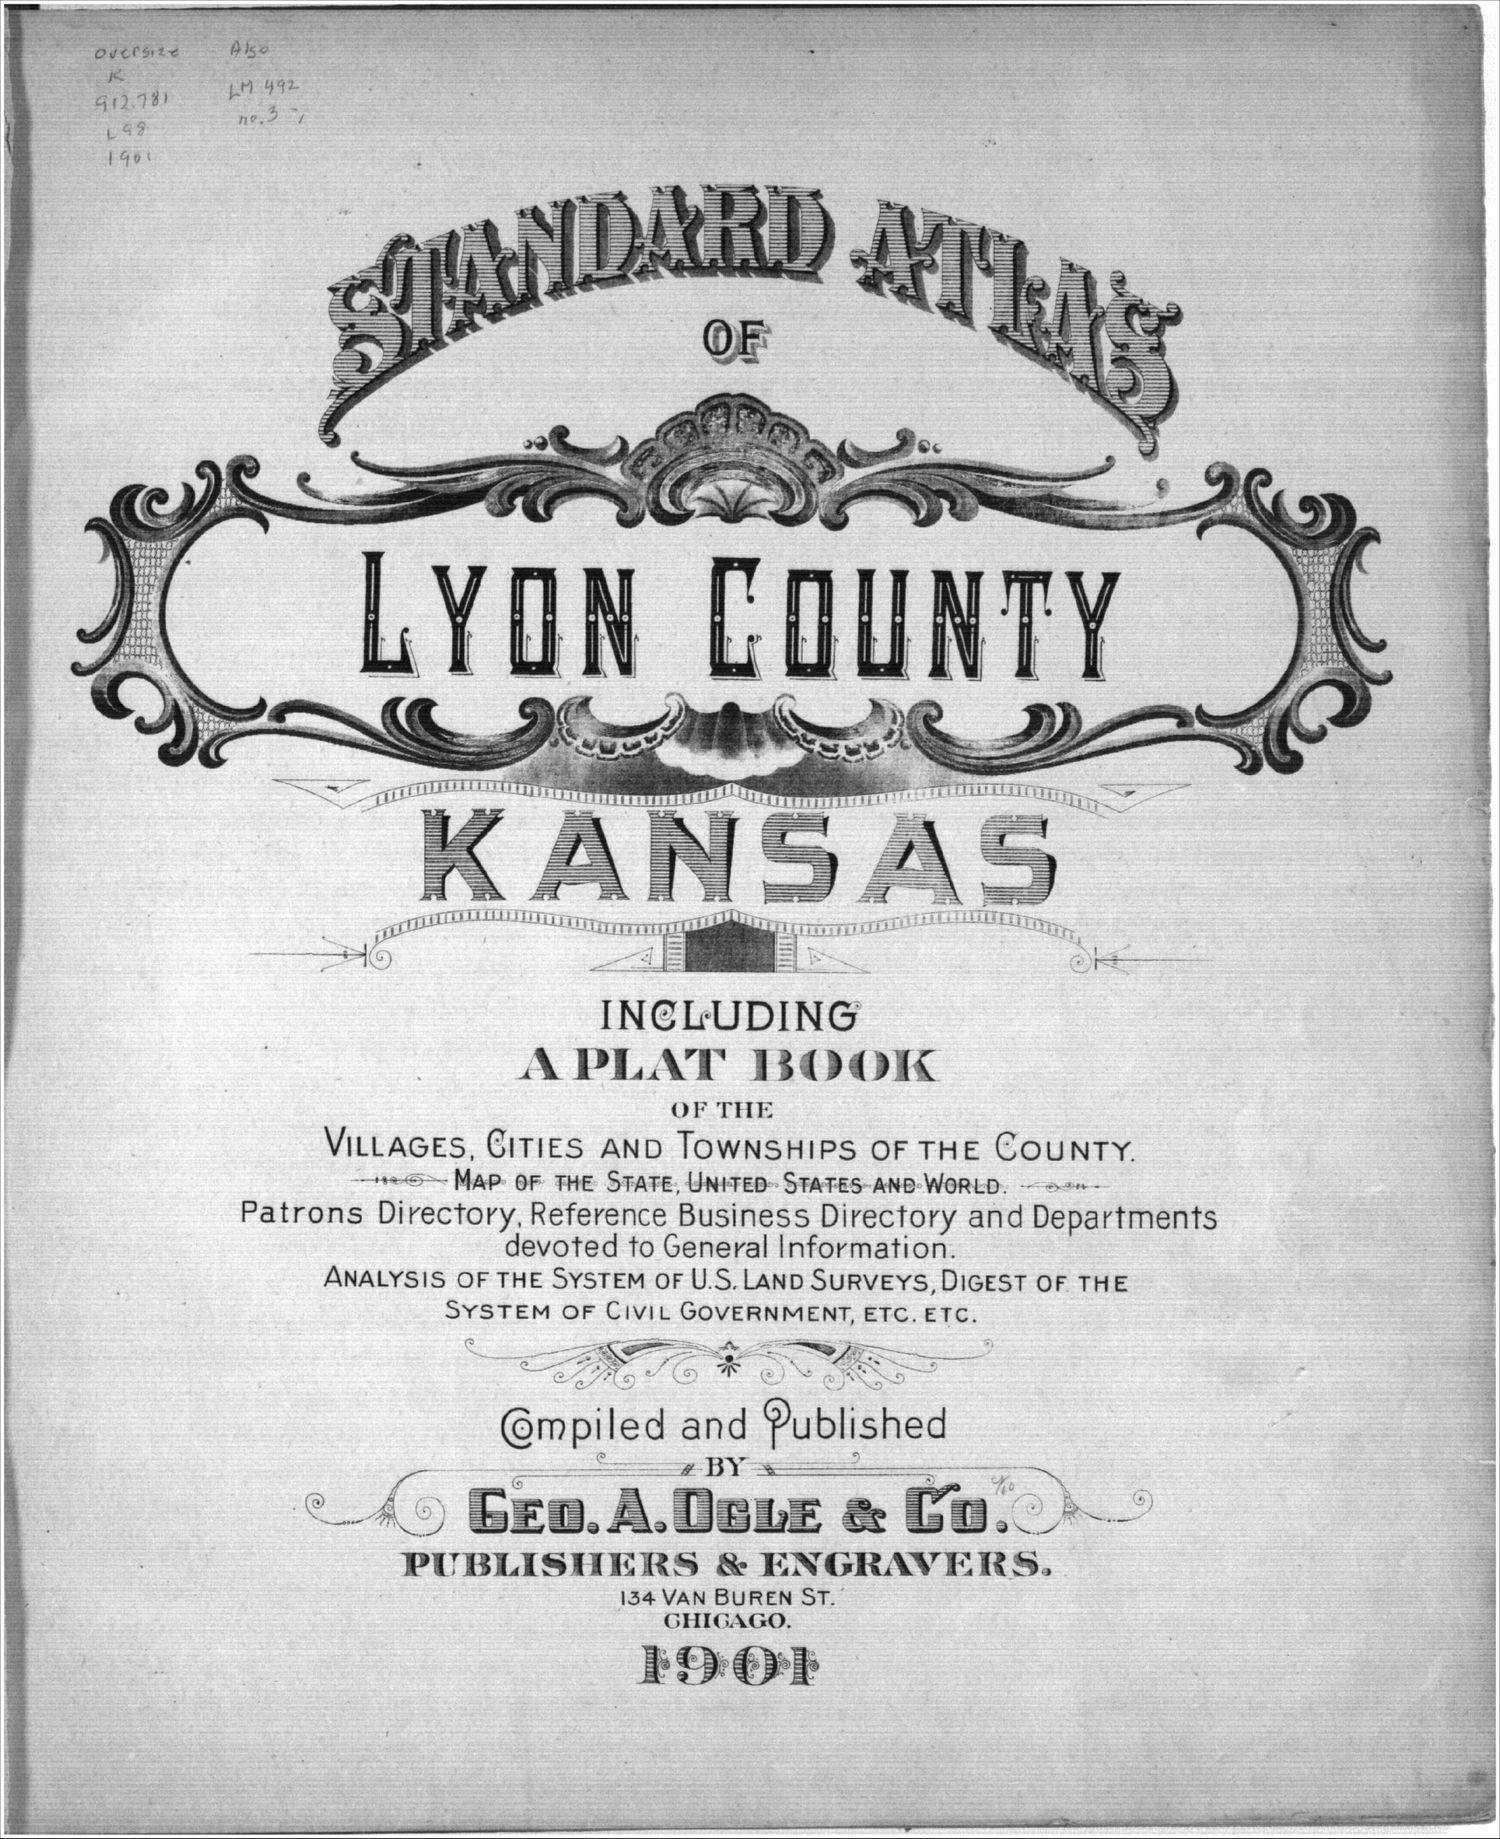 Standard atlas, Lyon County, Kansas - Title Page